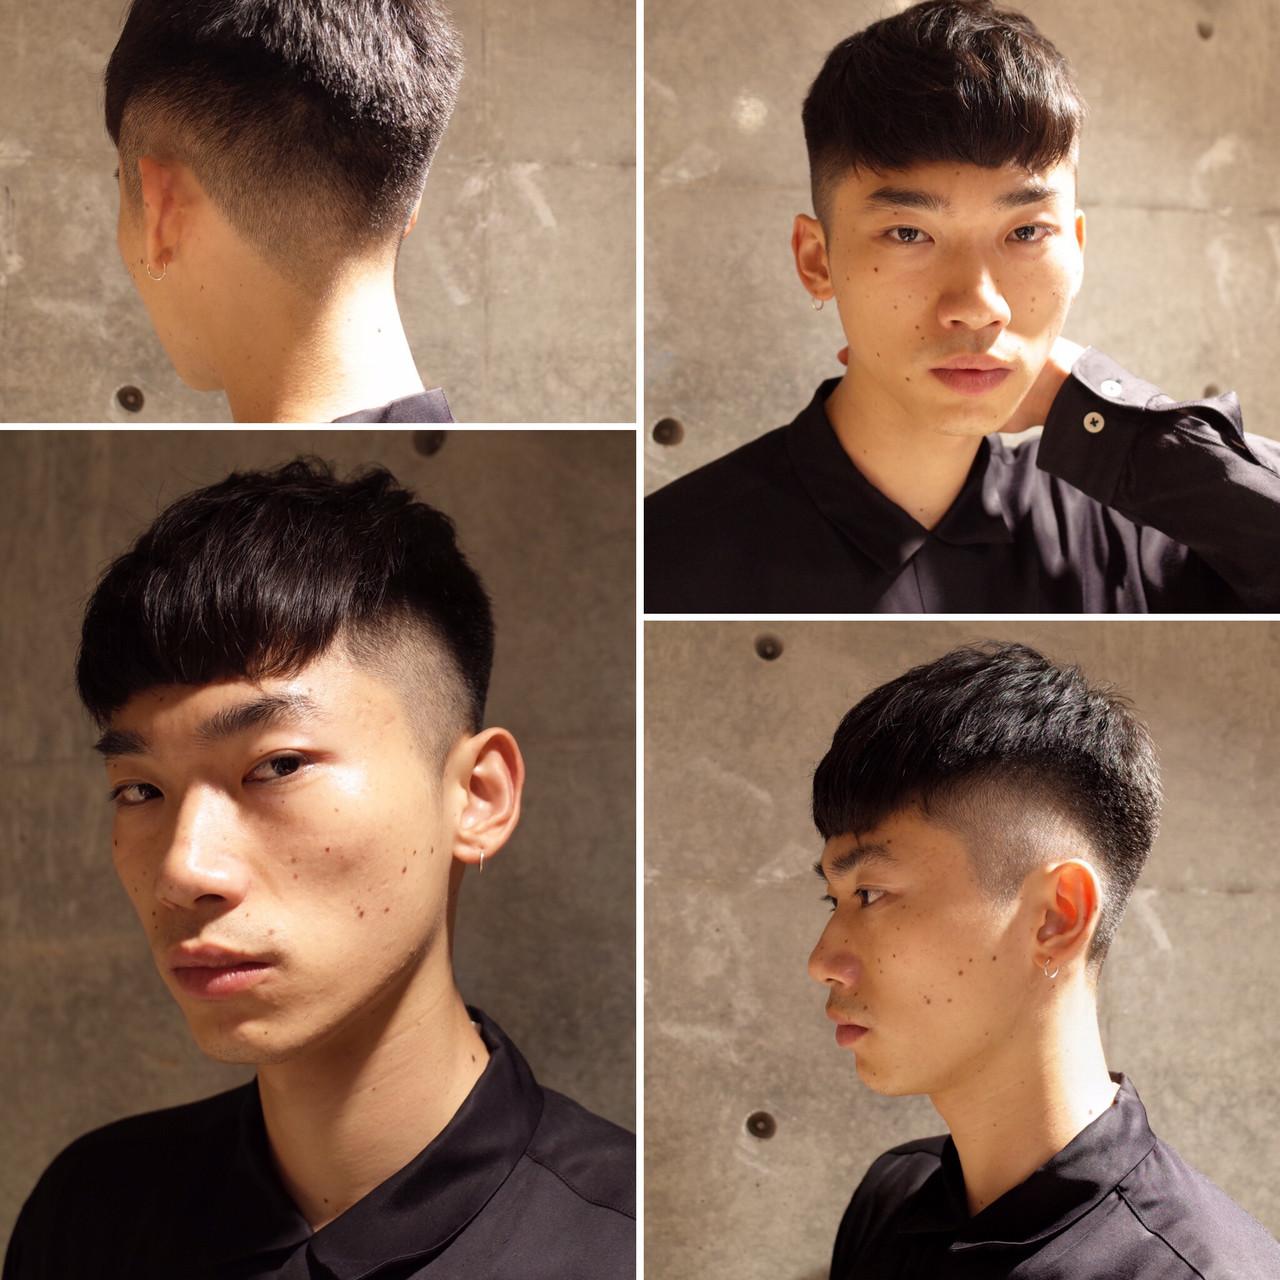 ショート ツーブロック メンズ ストリート ヘアスタイルや髪型の写真・画像   刈り上げ・2ブロック専門美容師 ヤマモトカズヒコ / MEN'S GROOMING SALON AOYAMA by kakimoto arms